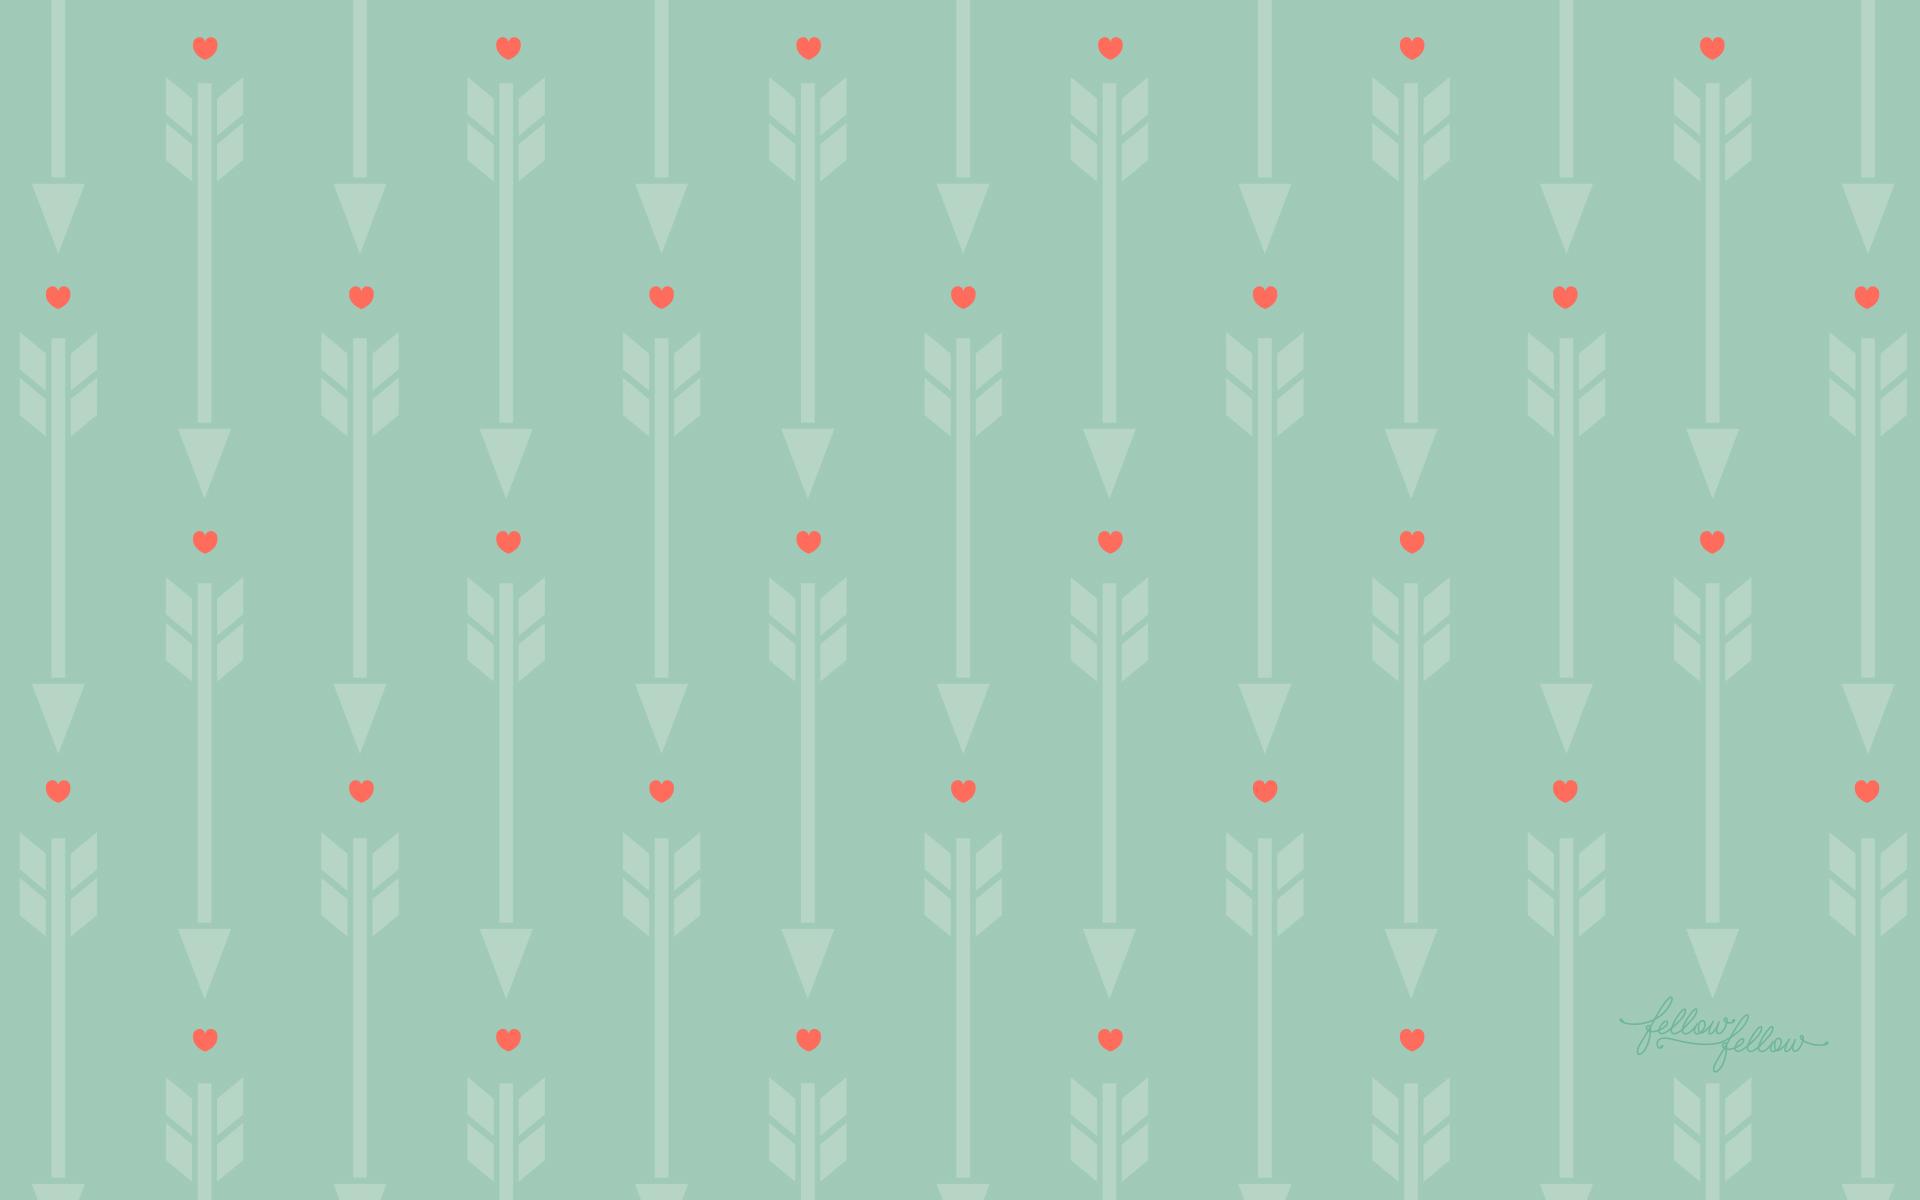 Wallpaper With Arrows Wallpapersafari